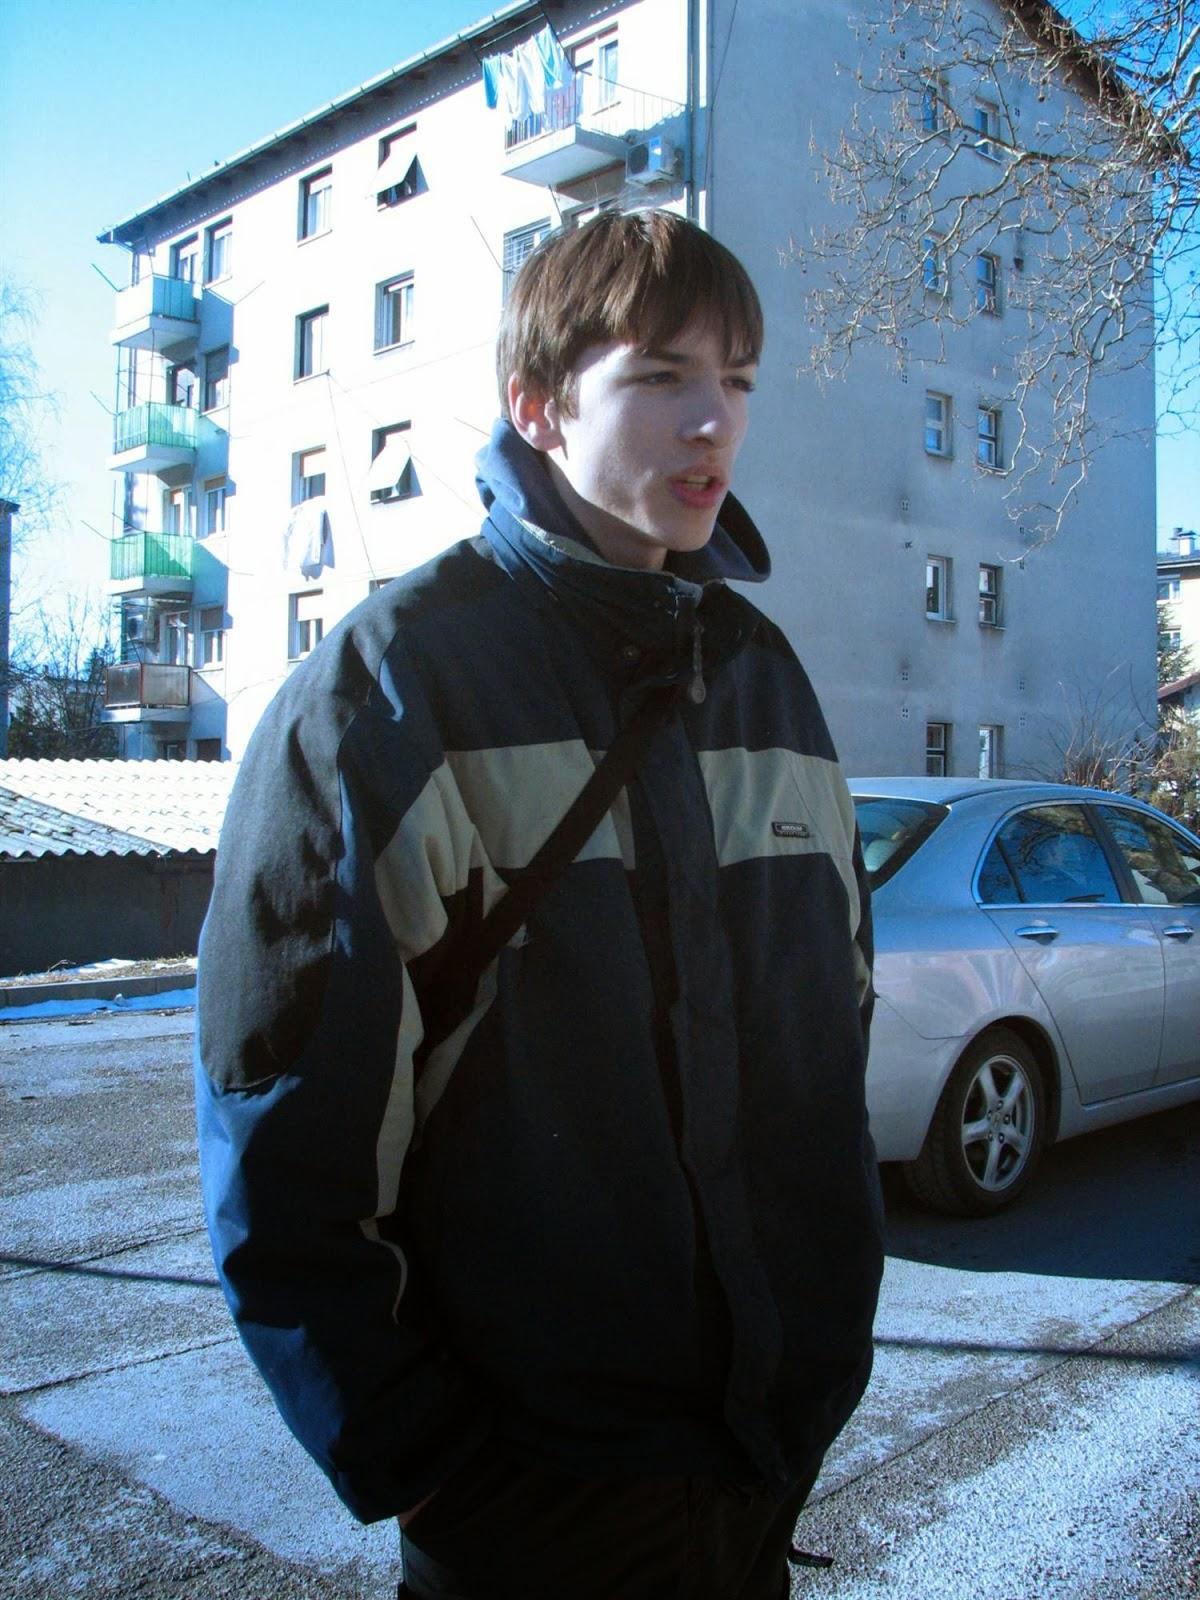 Raznašanje letakov, Ilirska Bistrica 2006 - pic%2B076.jpg